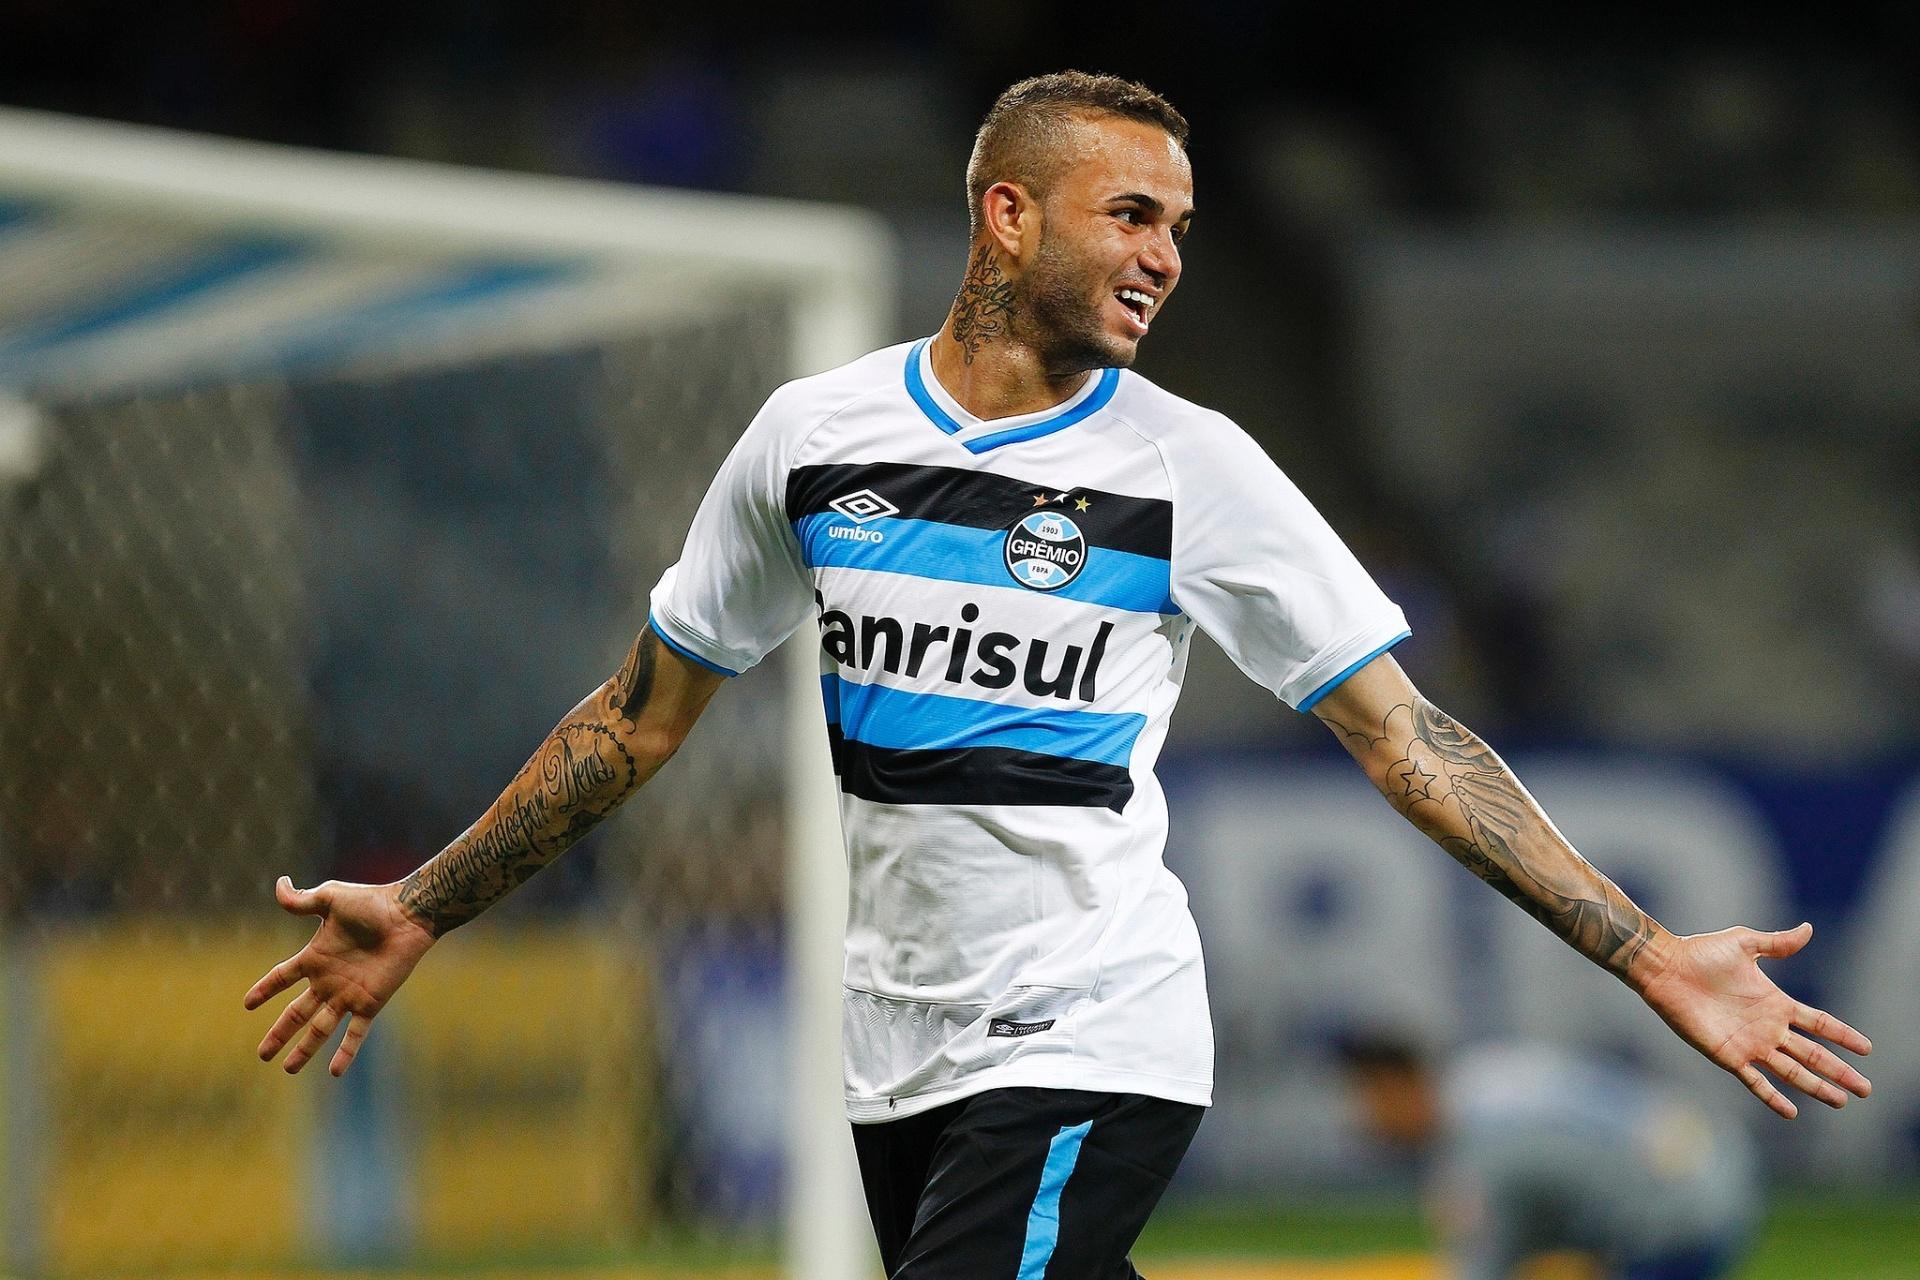 53940fd32b Luan não vê golaço no Puskas e considera Grêmio pronto para quebrar jejum -  02 11 2016 - UOL Esporte